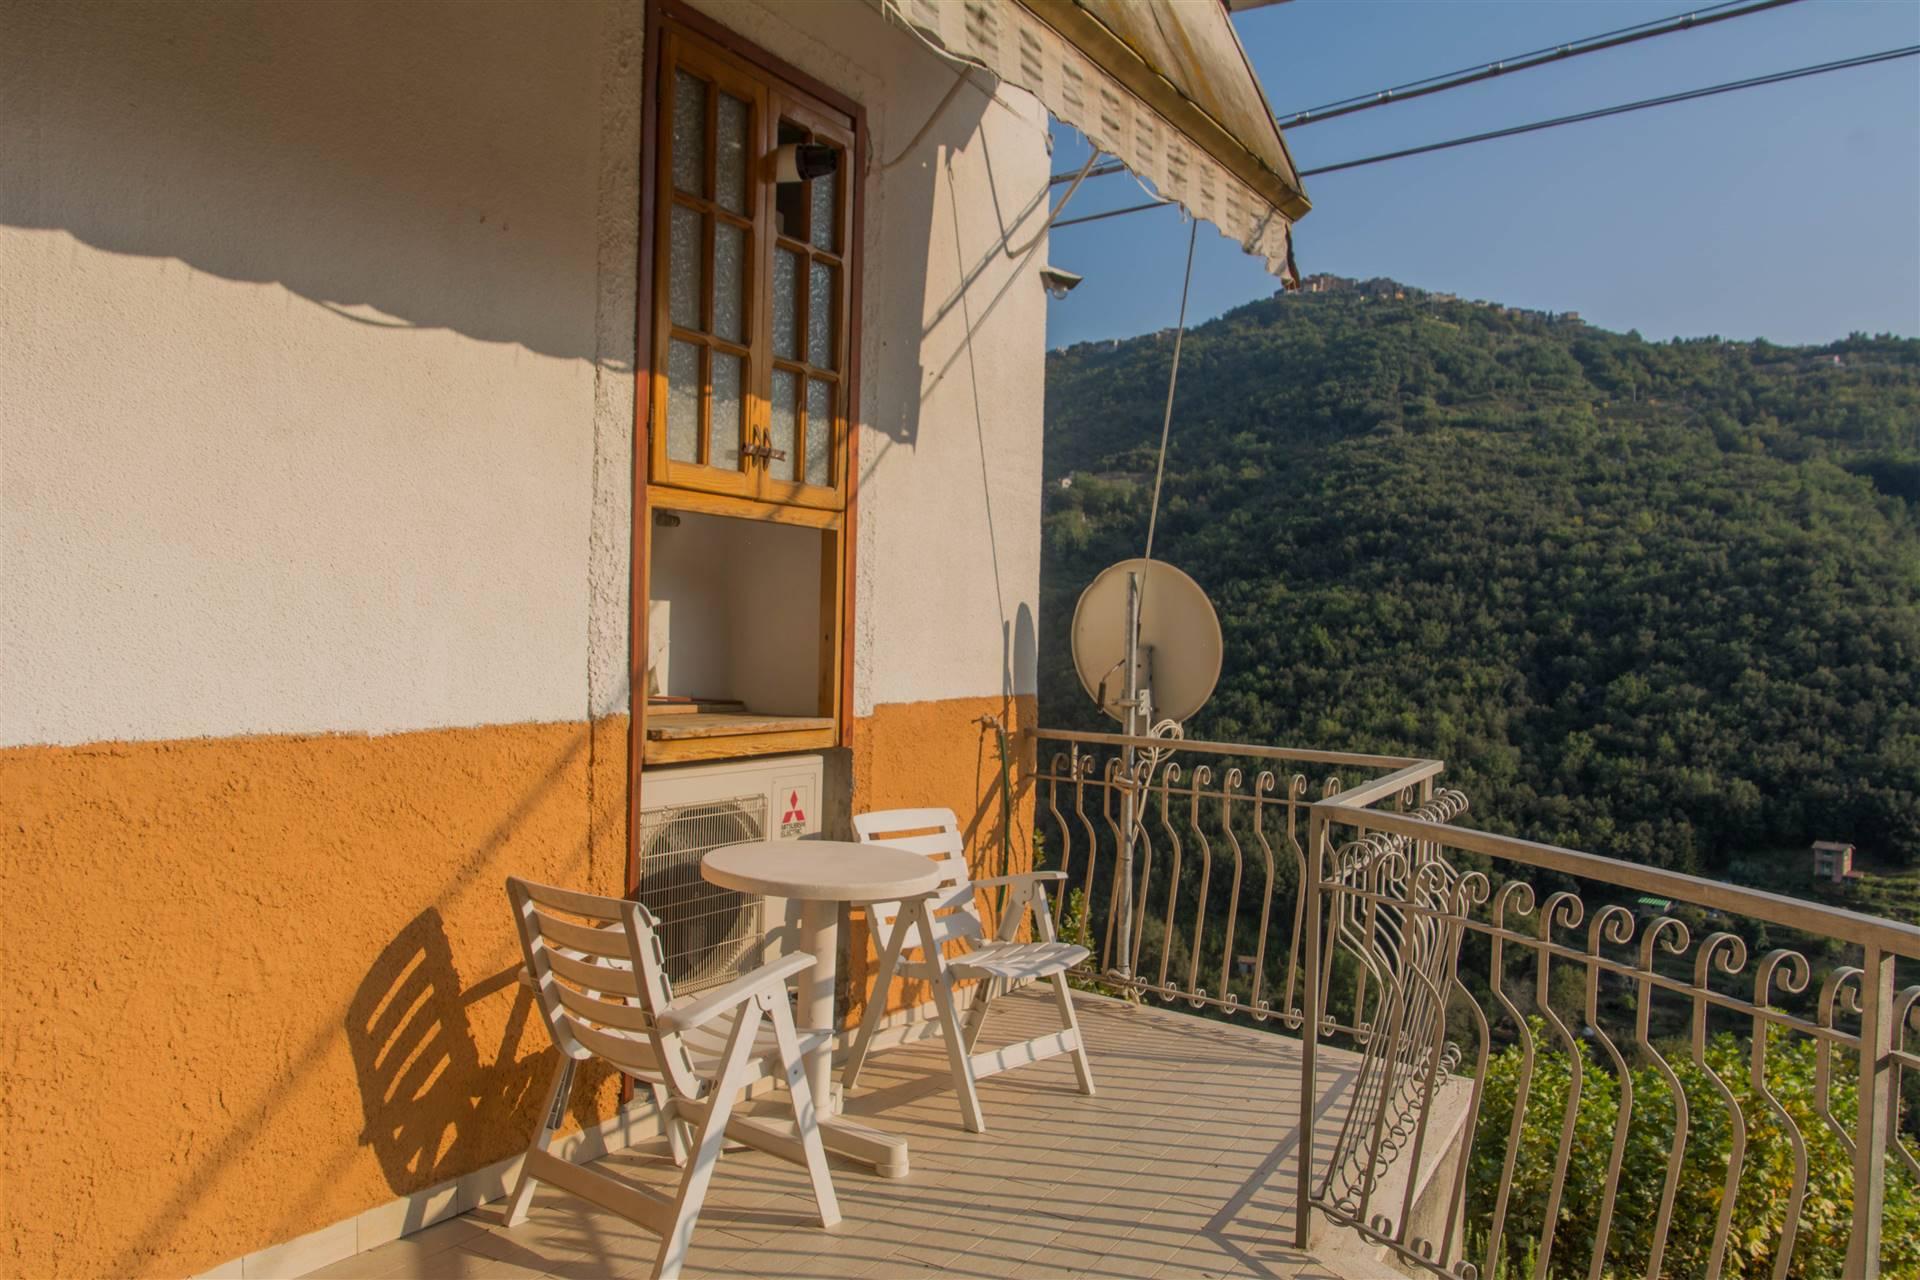 Appartamento in vendita a Apricale, 3 locali, prezzo € 190.000 | PortaleAgenzieImmobiliari.it